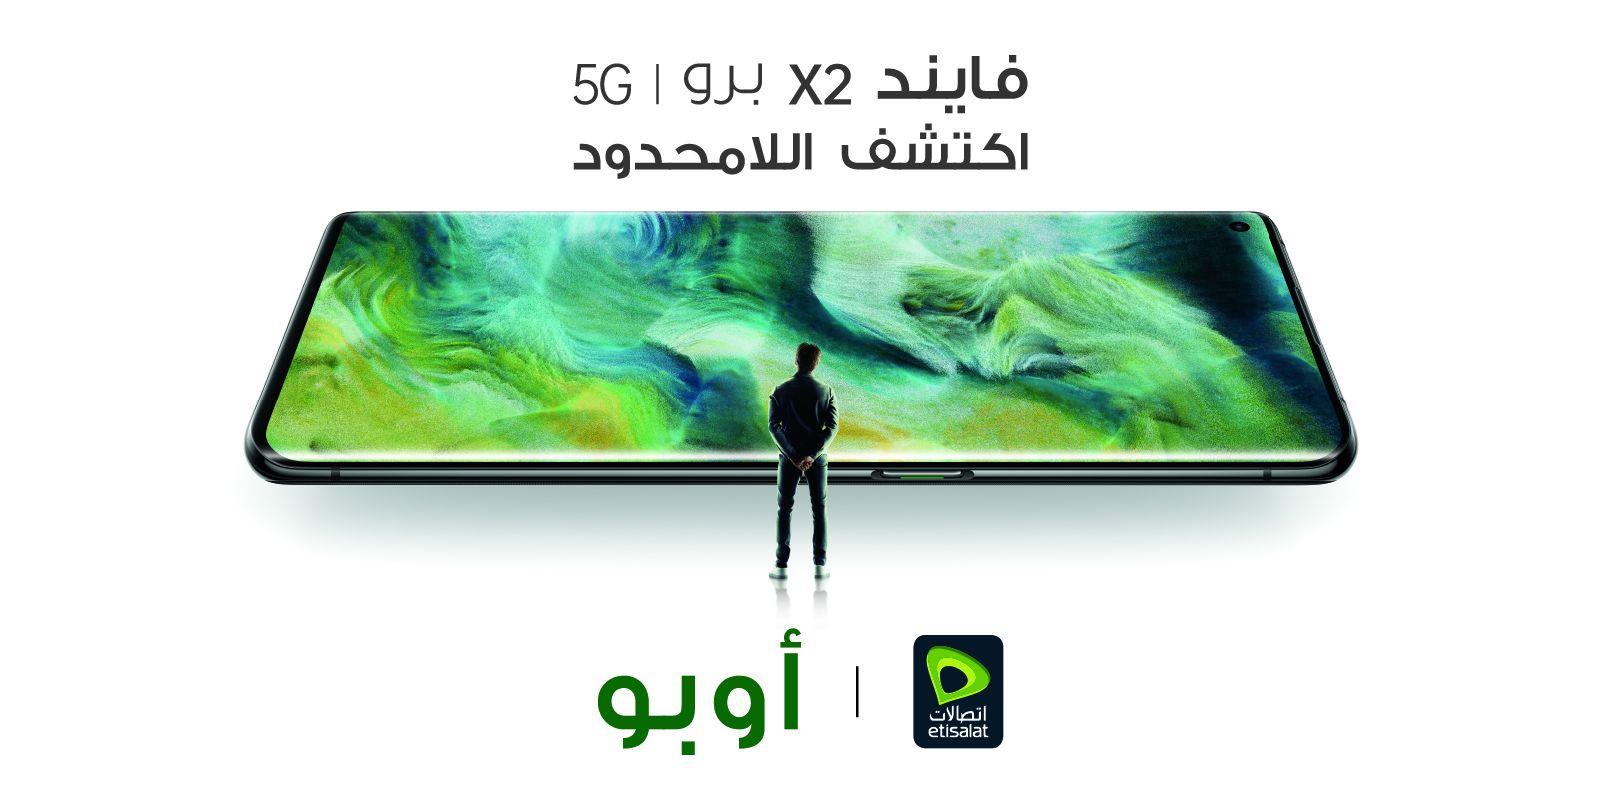 أوبو تستعد لطرح هاتفها Find X2 Pro في الإمارات